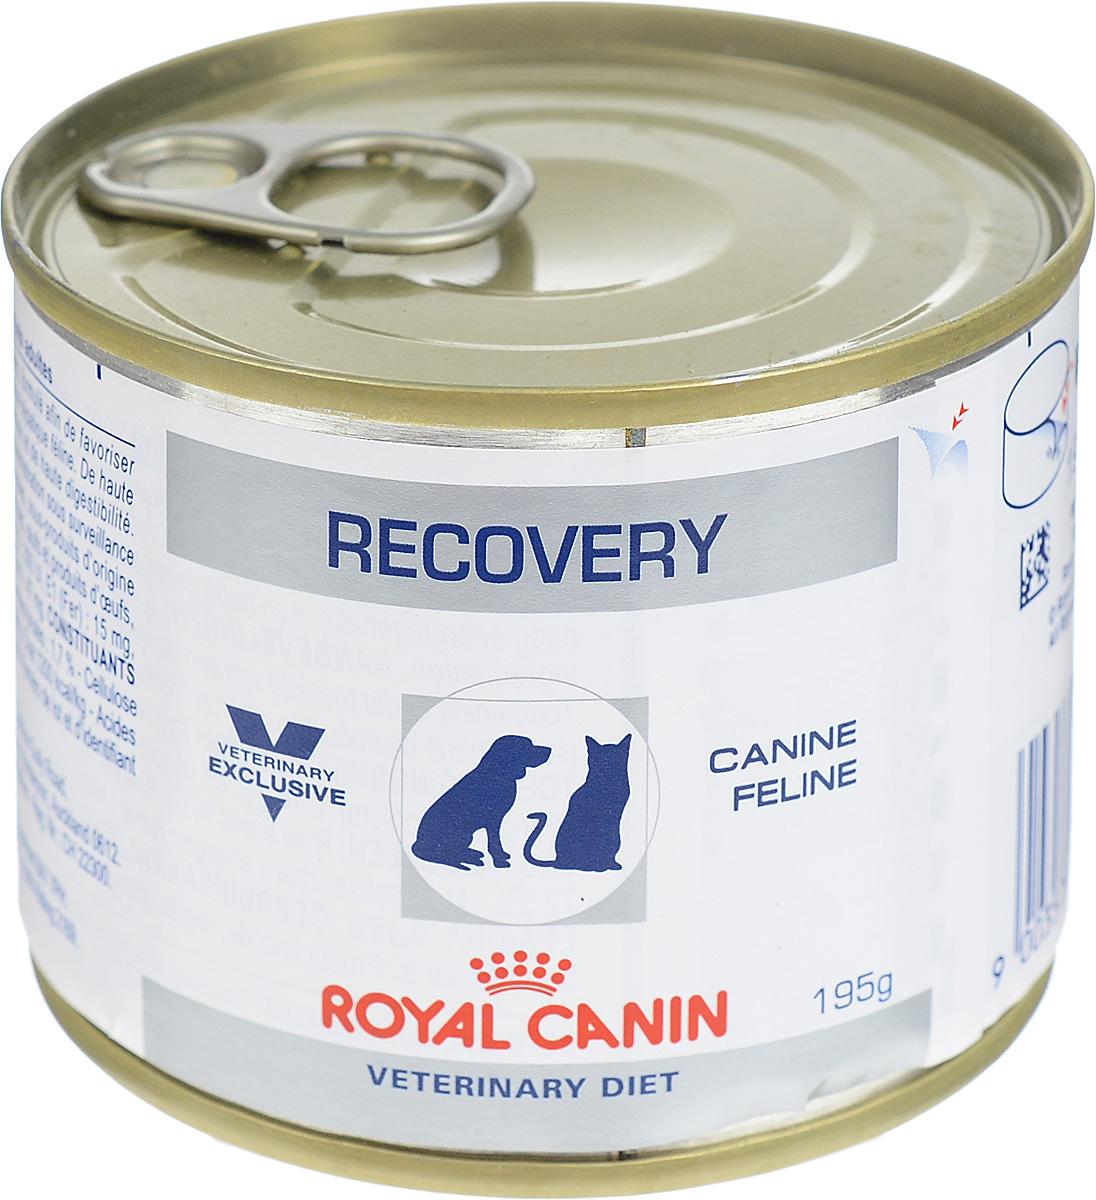 Консервы для собак и кошек Royal Canin Recovery, в период анорексии и выздоровления, 195 г27549Полнорационный диетический корм Royal Canin Recovery предназначен для кошек и собак в период восстановления после болезни и интенсивной терапии. Показания:- Анорексия – нарушения питания. - Поддержание организма после операций и во время интенсивной терапии. - Период выздоровления. - Искусственное энтеральное кормление. - Липидоз печени у кошек. - Беременность, лактация, рост. Высокое содержание энергии в диетическом корме Royal Canin Recovery помогает компенсировать уменьшение объема потребляемого корма у привередливых в еде животных.Консистенция позволяет легко вводить его шприцем или с помощью зонда.У собак и кошек, находящихся в стационаре, нередко наблюдают снижение аппетита и потерю массы тела. Консервы обладают высокой вкусовой привлекательностью, благодаря чему животные охотно их поедают.Комплекс антиоксидантов синергичного действия (витамины Е и С, таурин, лютеин) помогает противостоять повреждению клеток под действием окислительного стресса и способствует укреплению иммунной системы. Состав: печень птицы, свинина, мясо птицы, обработанный кукурузный крахмал, целлюлоза, казеинат кальция, рыбий жир, минеральные вещества, сухой яичный белок, подсолнечное масло, таурин, каррагенан, фруктоолигосахариды (ФОС), экстракт бархатцев прямостоячих (источник лютеина), семена подорожника, гидролизат дрожжей (источник маннановых олигосахаридов), DL-метионин, микроэлементы (в том числе в хелатной форме), витамины. Добавки (на кг): витамин D3 - 300 МЕ, железо - 15 мг, йод - 0,16 мг, медь - 1 мг, марганец - 4,5 мг, цинк - 47 мг.Питательные вещества на 100 г: белки 14%, жиры 6,2%, углеводы 2,6%, минеральные вещества 1,7%, клетчатка пищевая 2%, влажность 72,5%.Энергетическая ценность на 1 кг: для собак - 1180 ккал, для кошек - 1200 ккал.Товар сертифицирован.